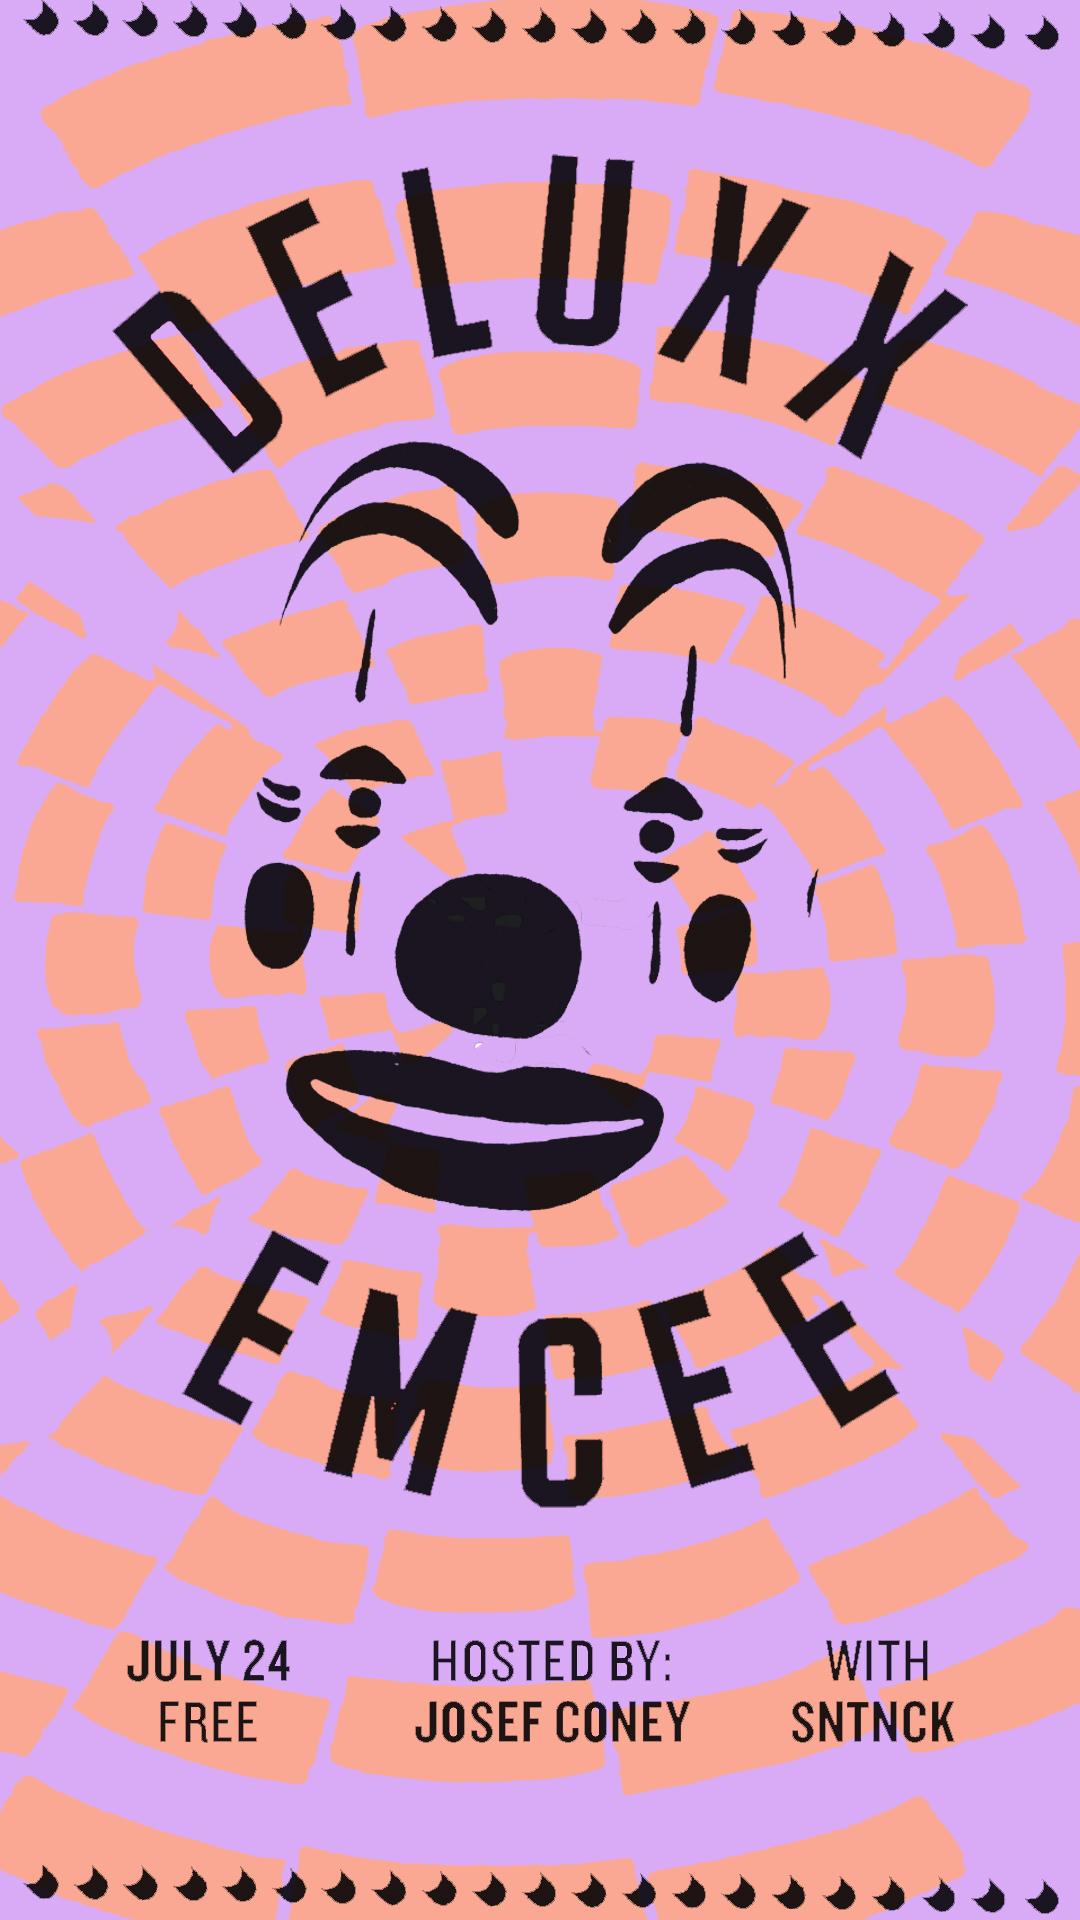 DF_Posters_17_DeluxxEmceIG.jpg